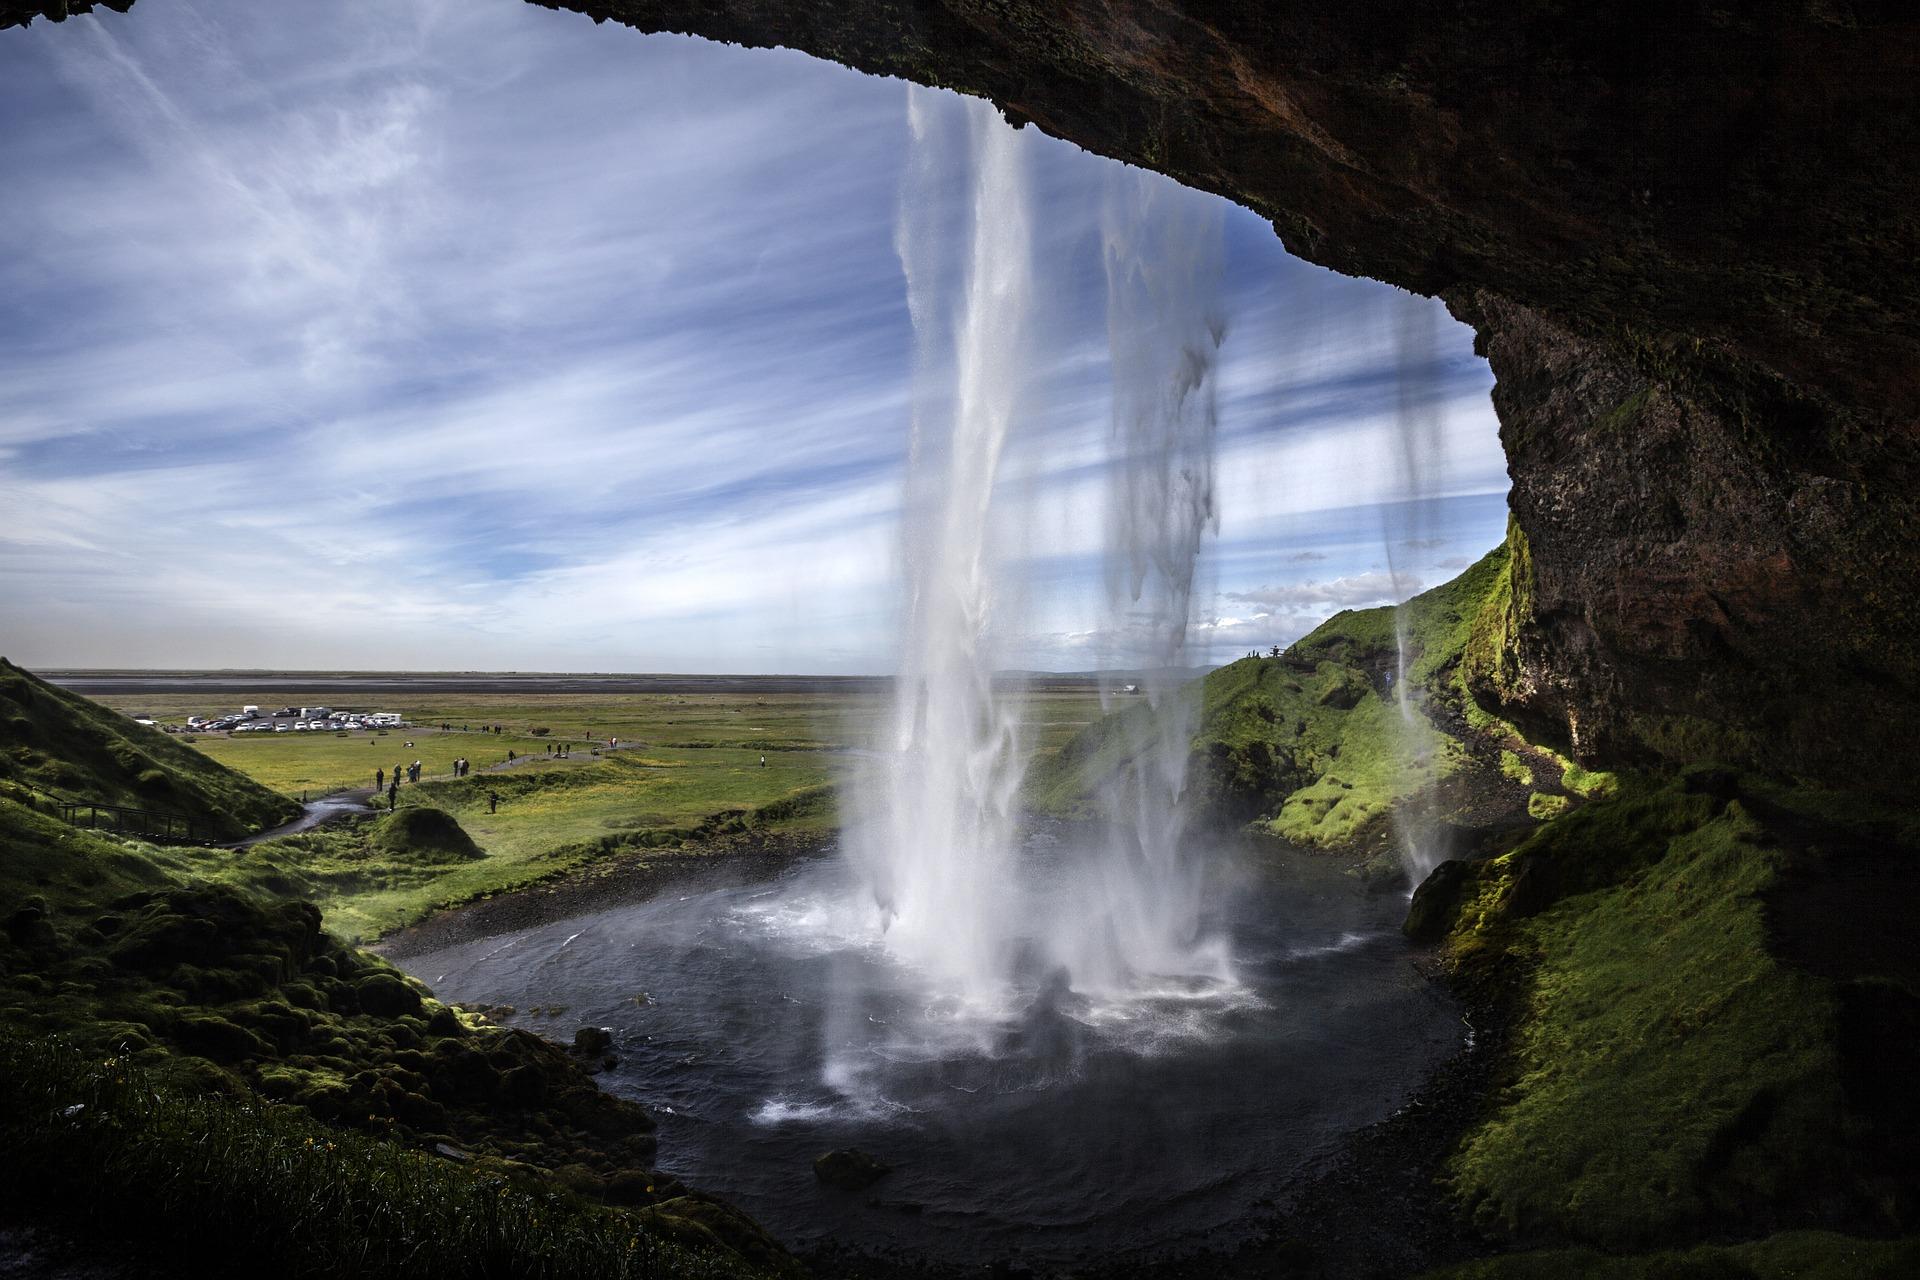 น้ำตกเซลยาแลนศ์ฟอสส์ตั้งอยู่ทางตอนใต้ของไอซ์แลนด์